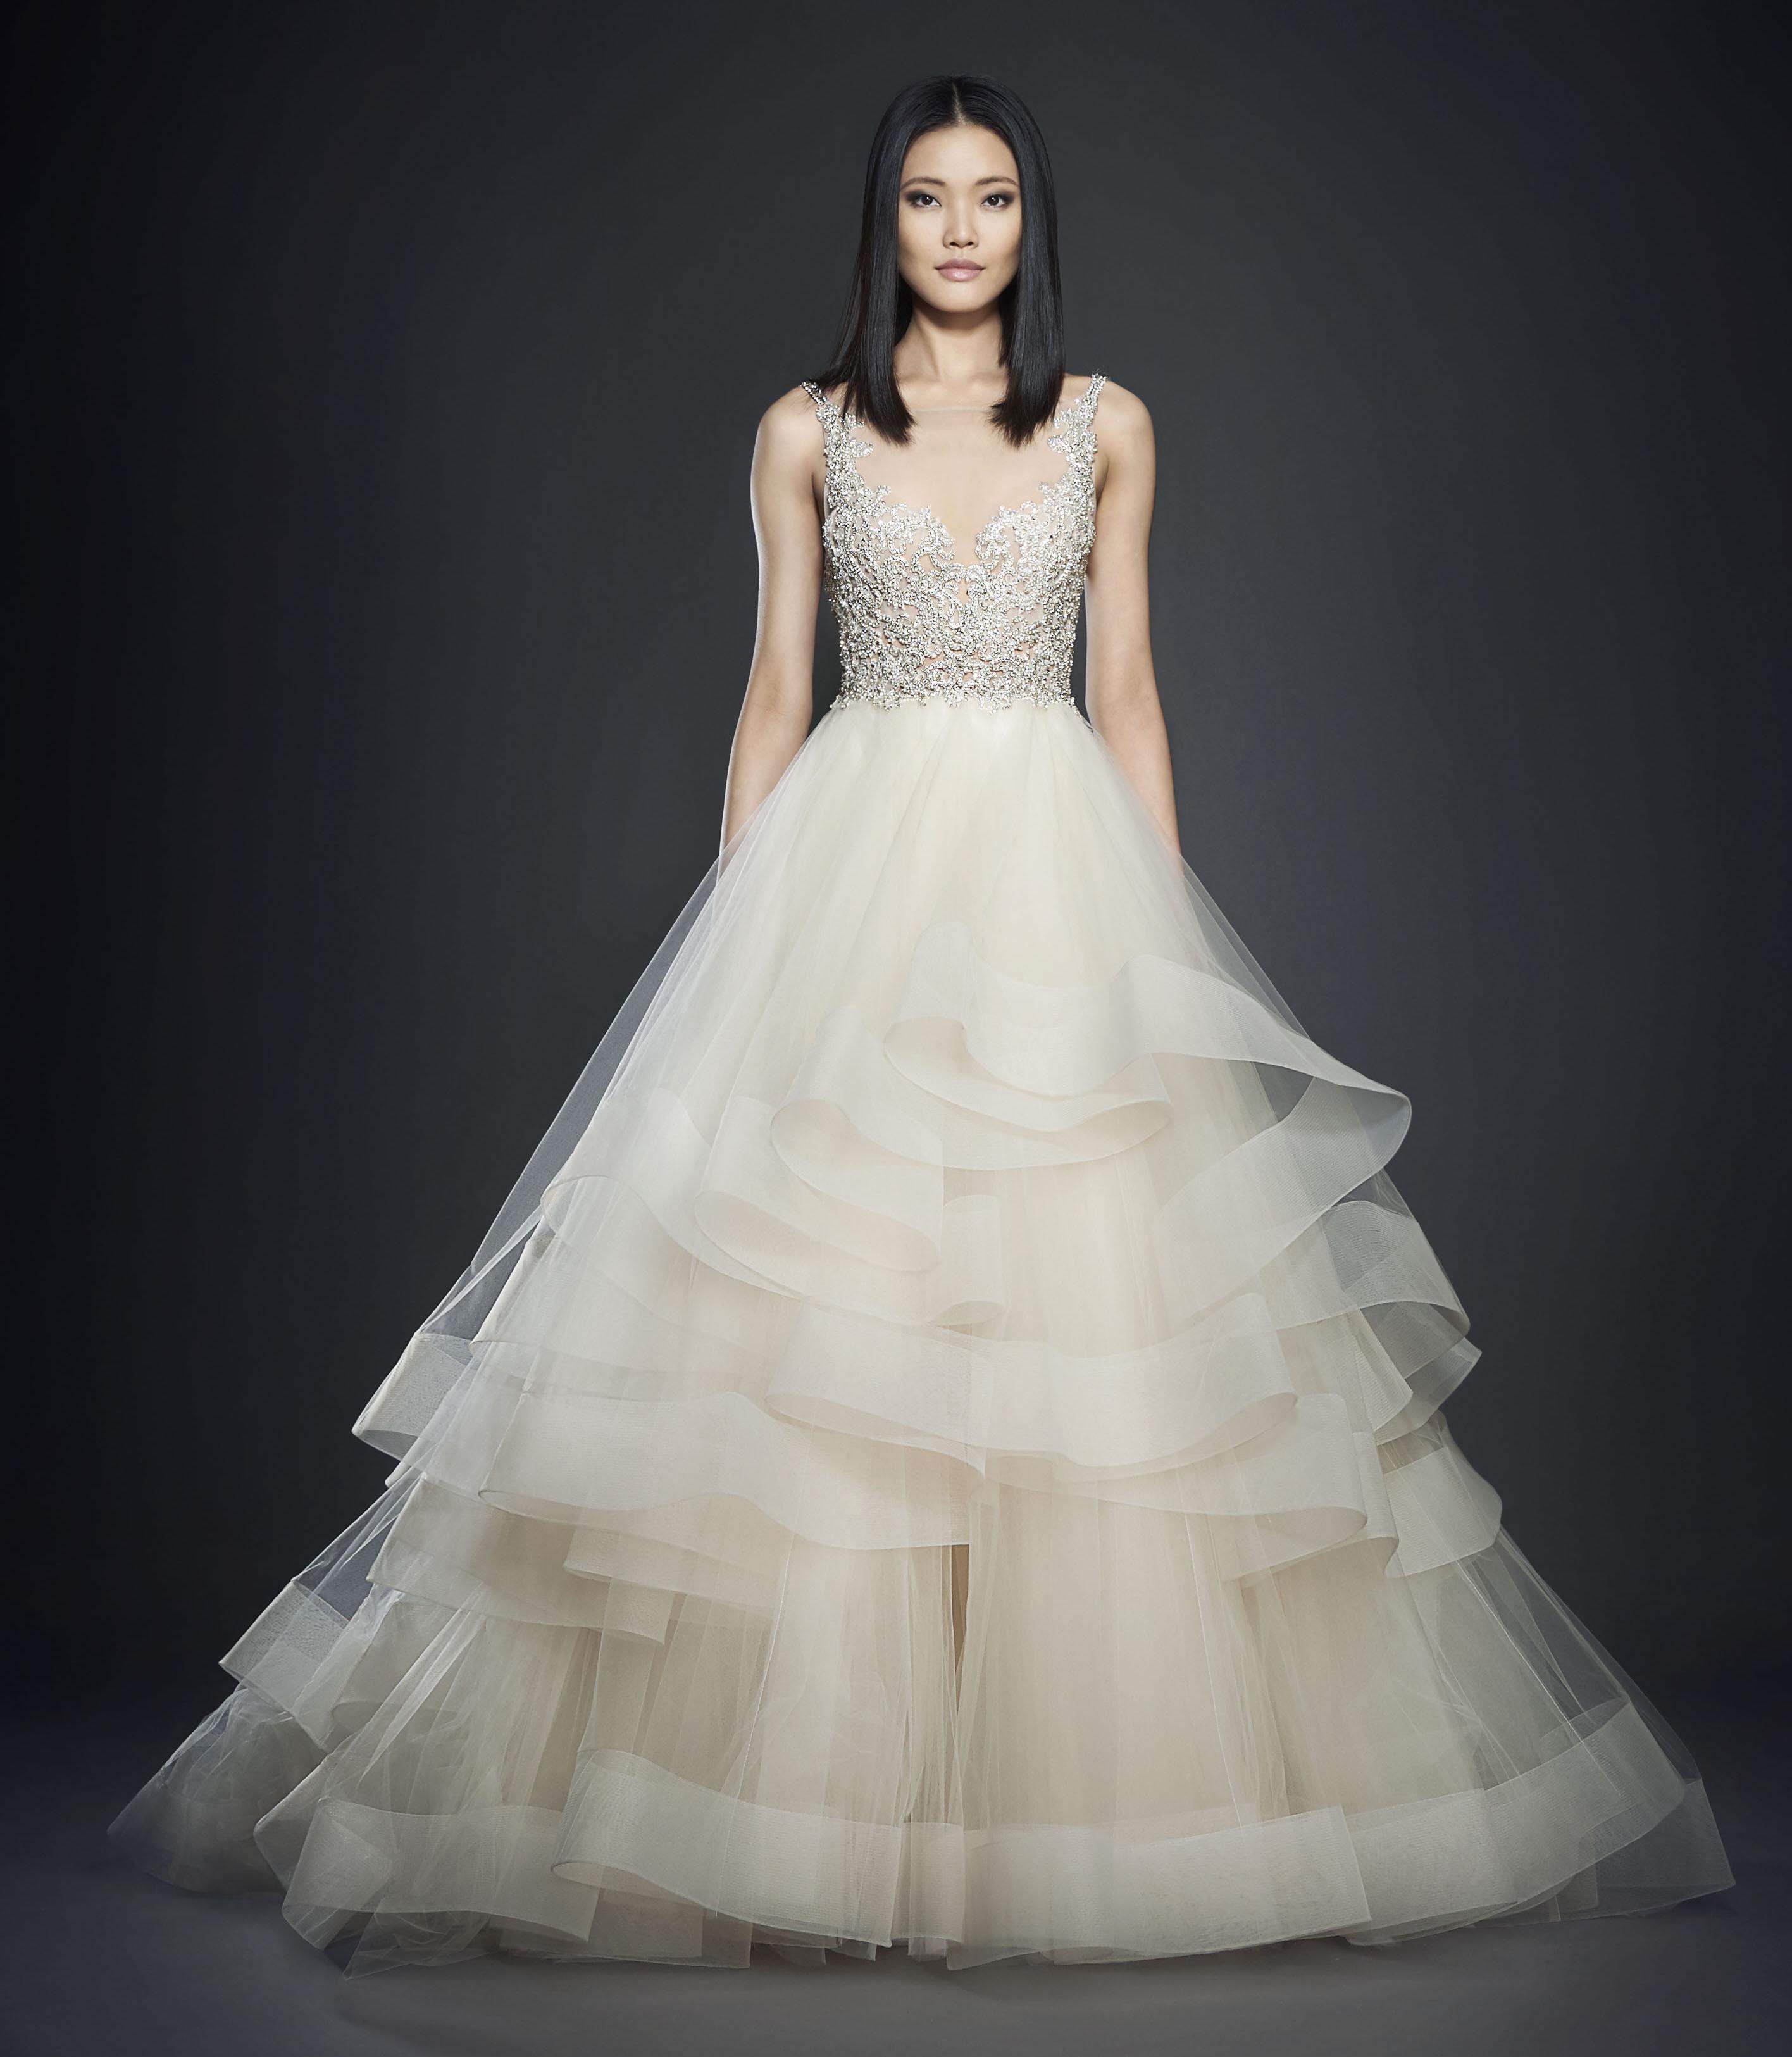 Wedding Dresses Ball Gowns: Romantic Ball Gown Wedding Dress